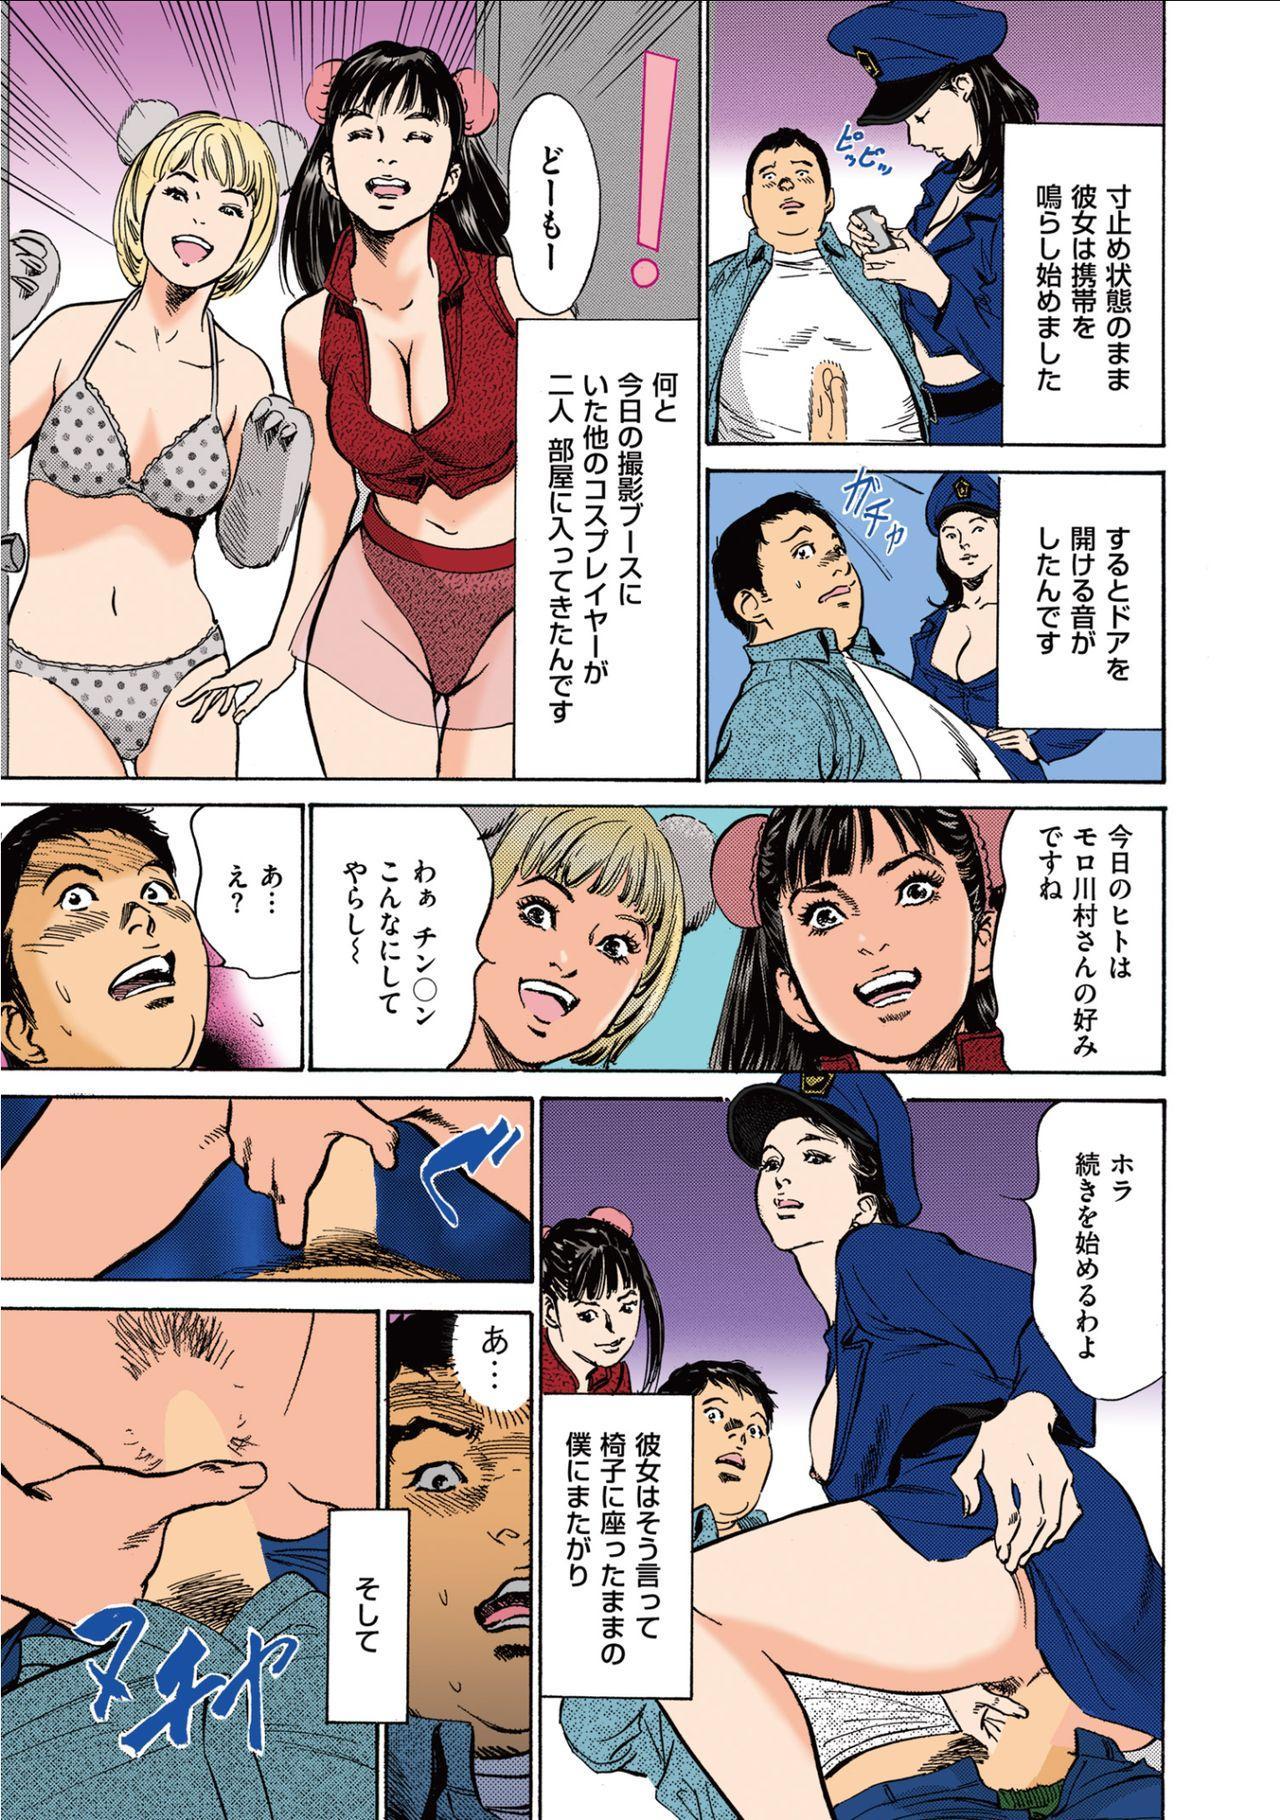 [Hazuki Kaoru] Hazuki Kaoru no Tamaranai Hanashi (Full Color Version) 1-2 60